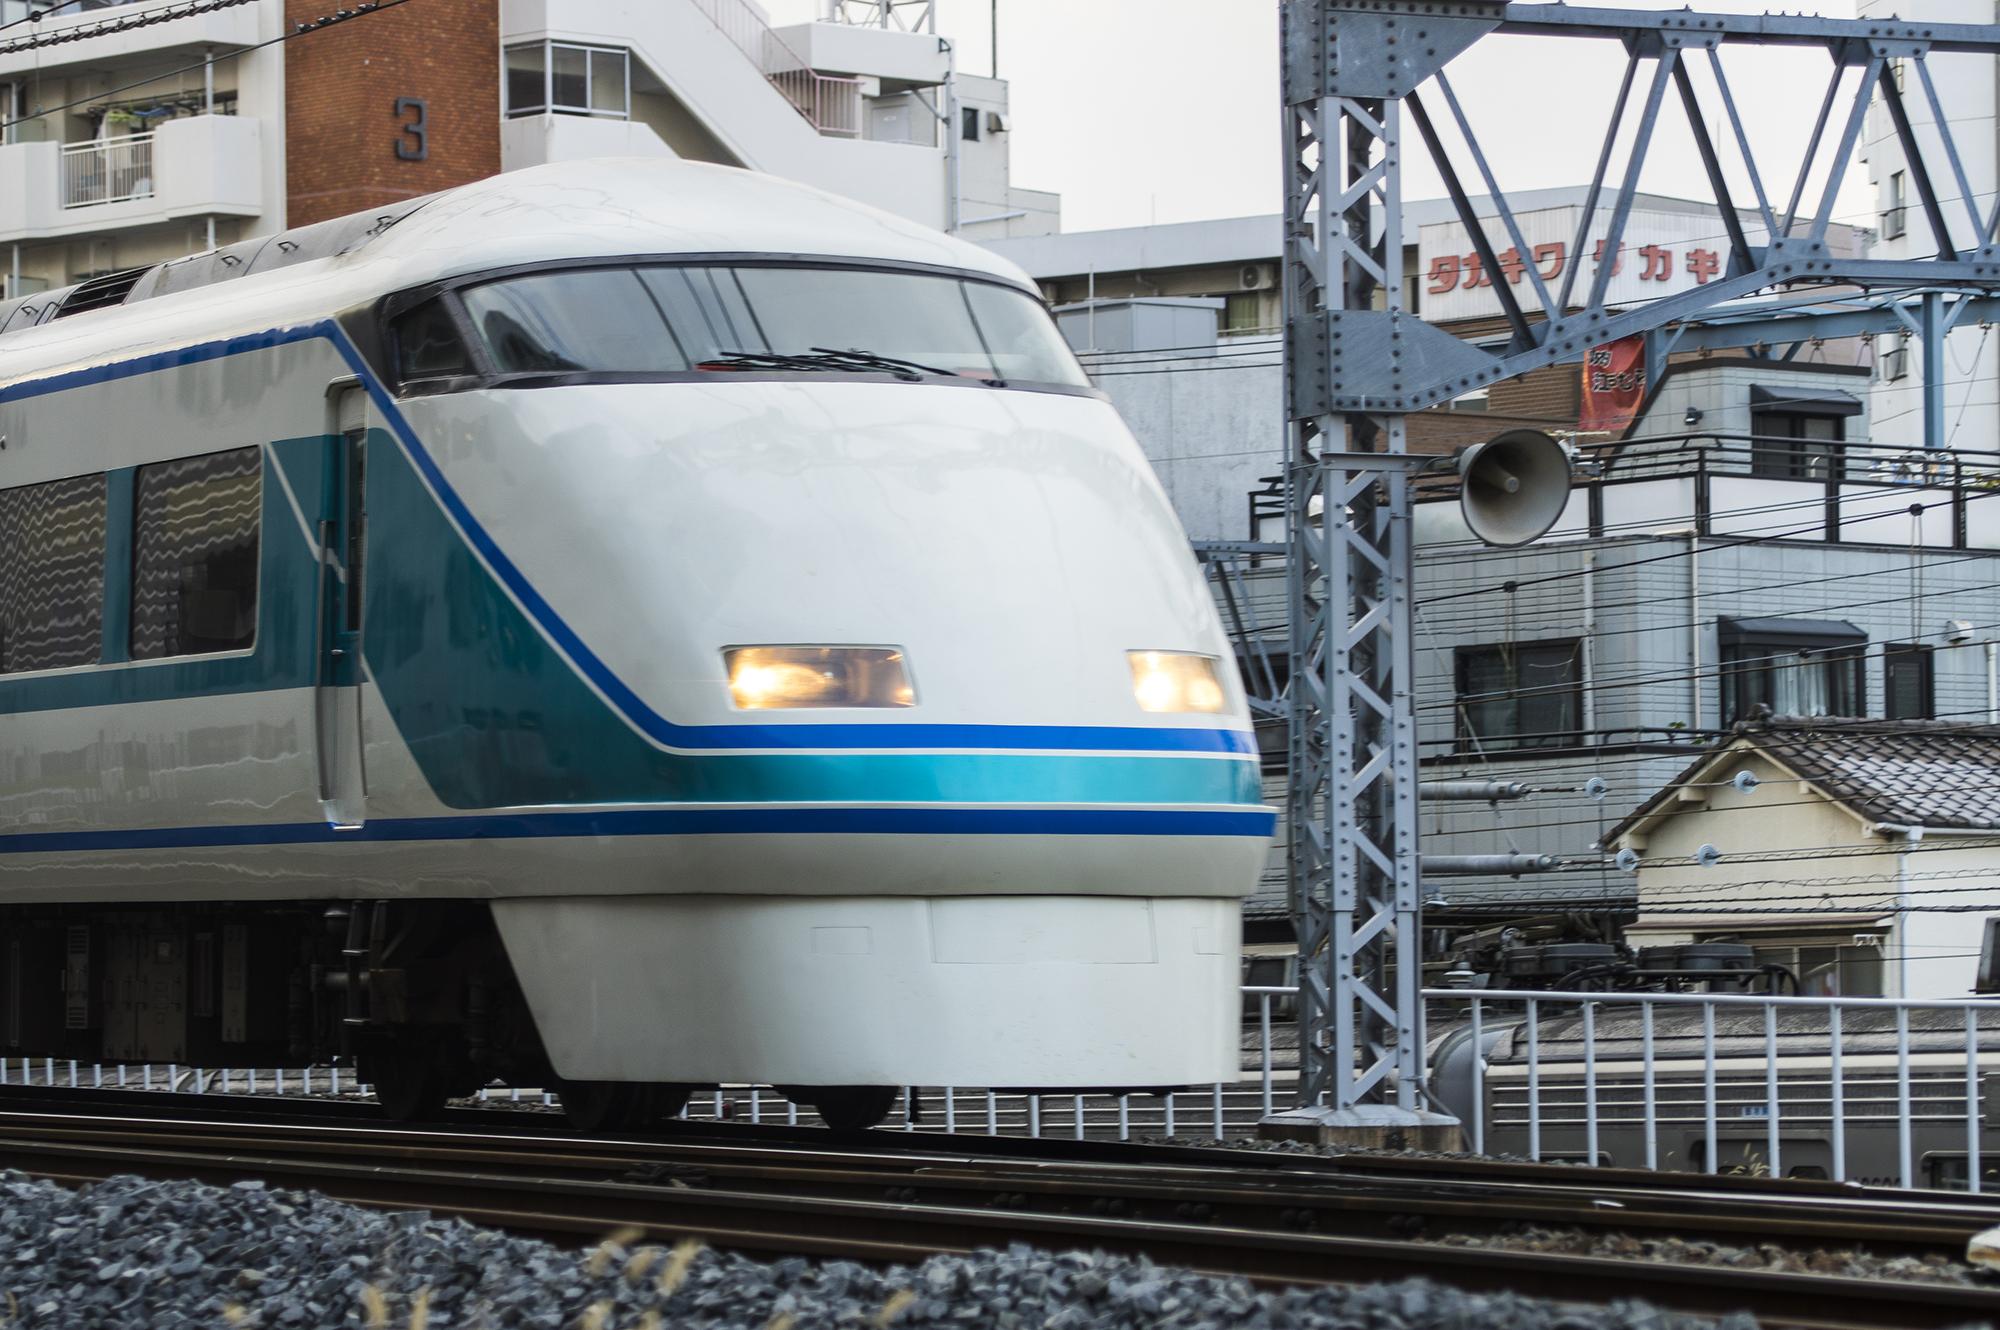 株主優待券を利用して東武鉄道に格安で乗る方法をご紹介します